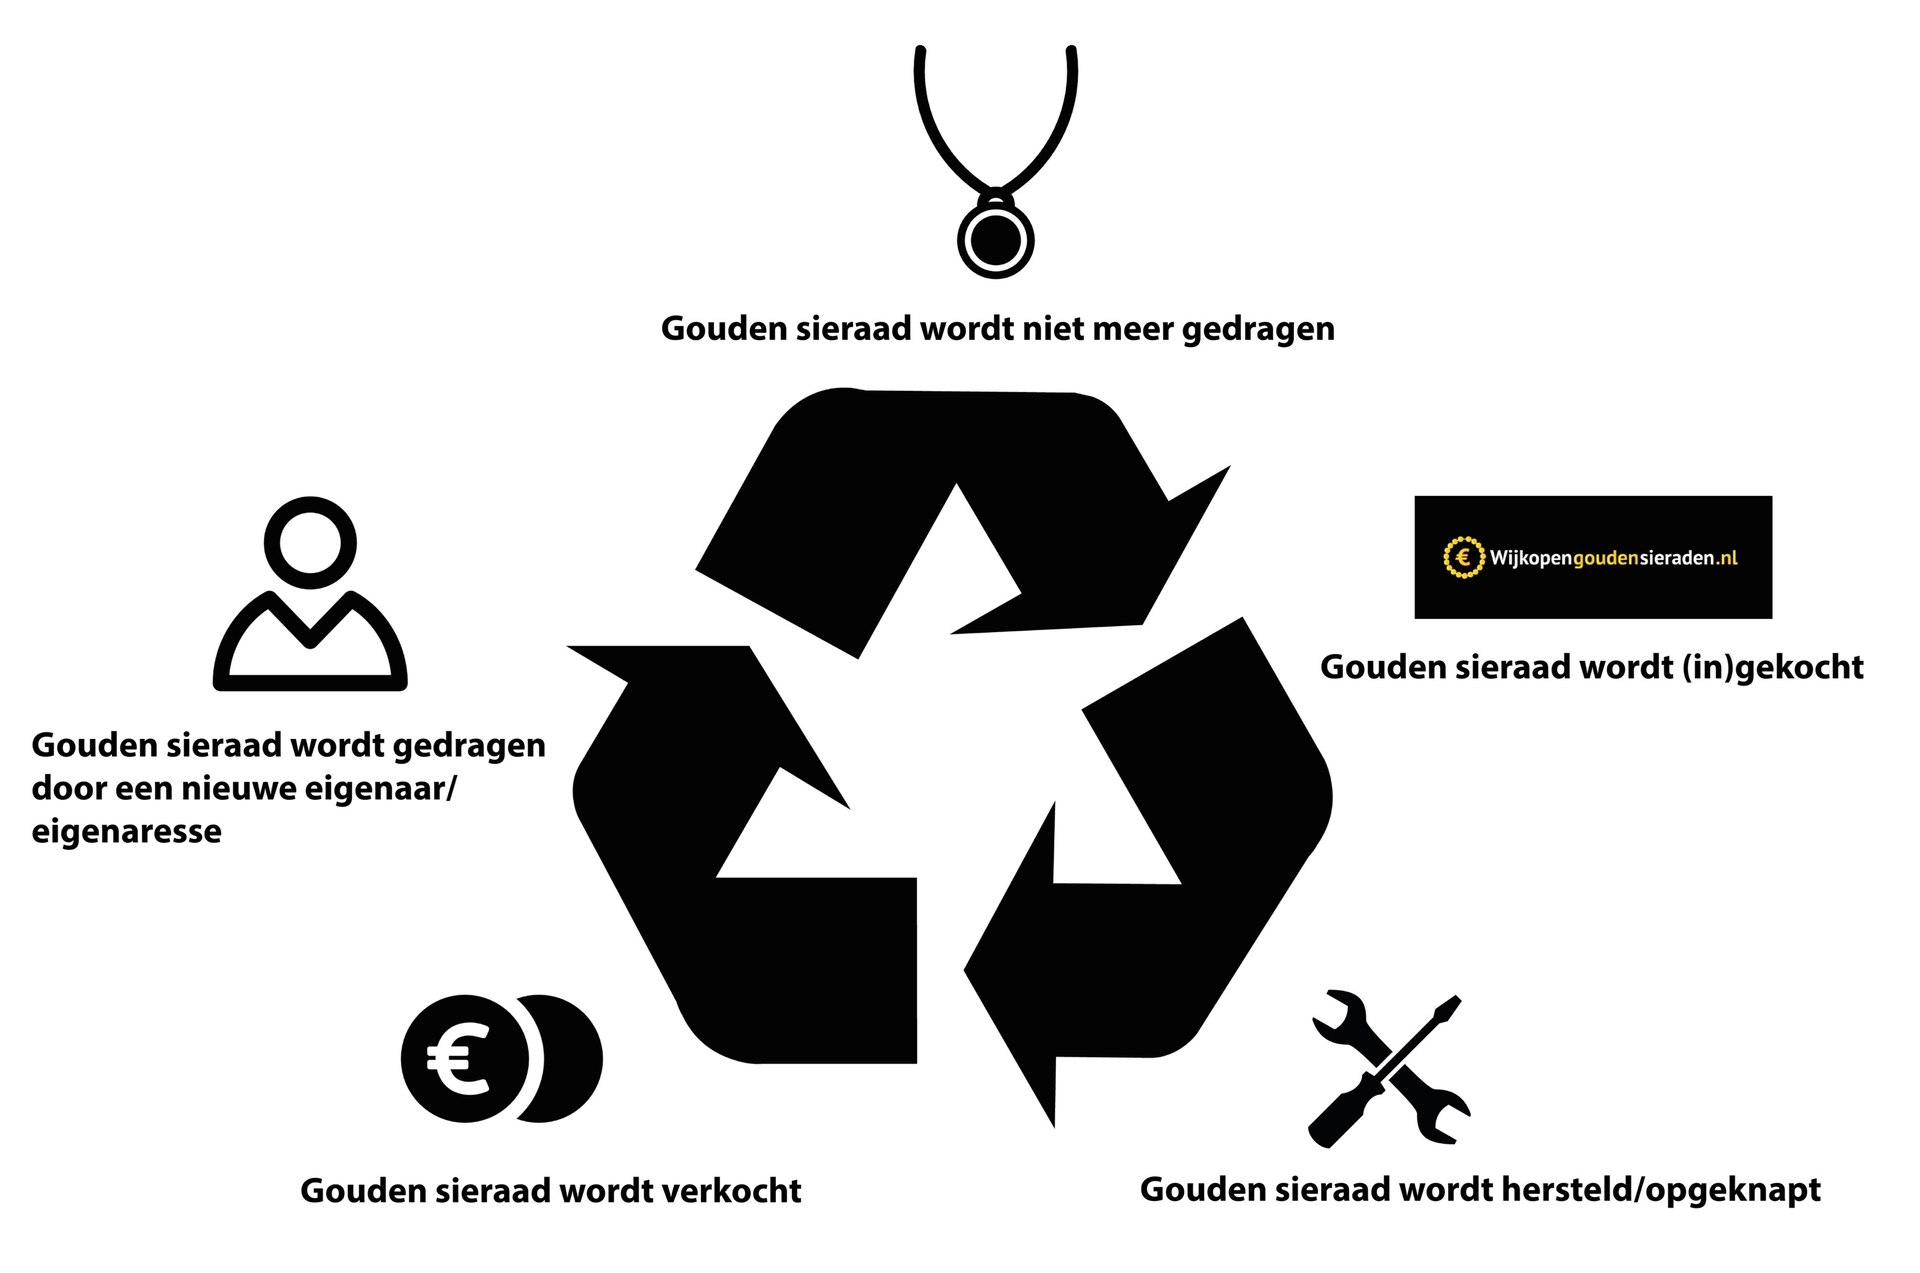 Wijkopengoudensieraden.nl duurzaamheid